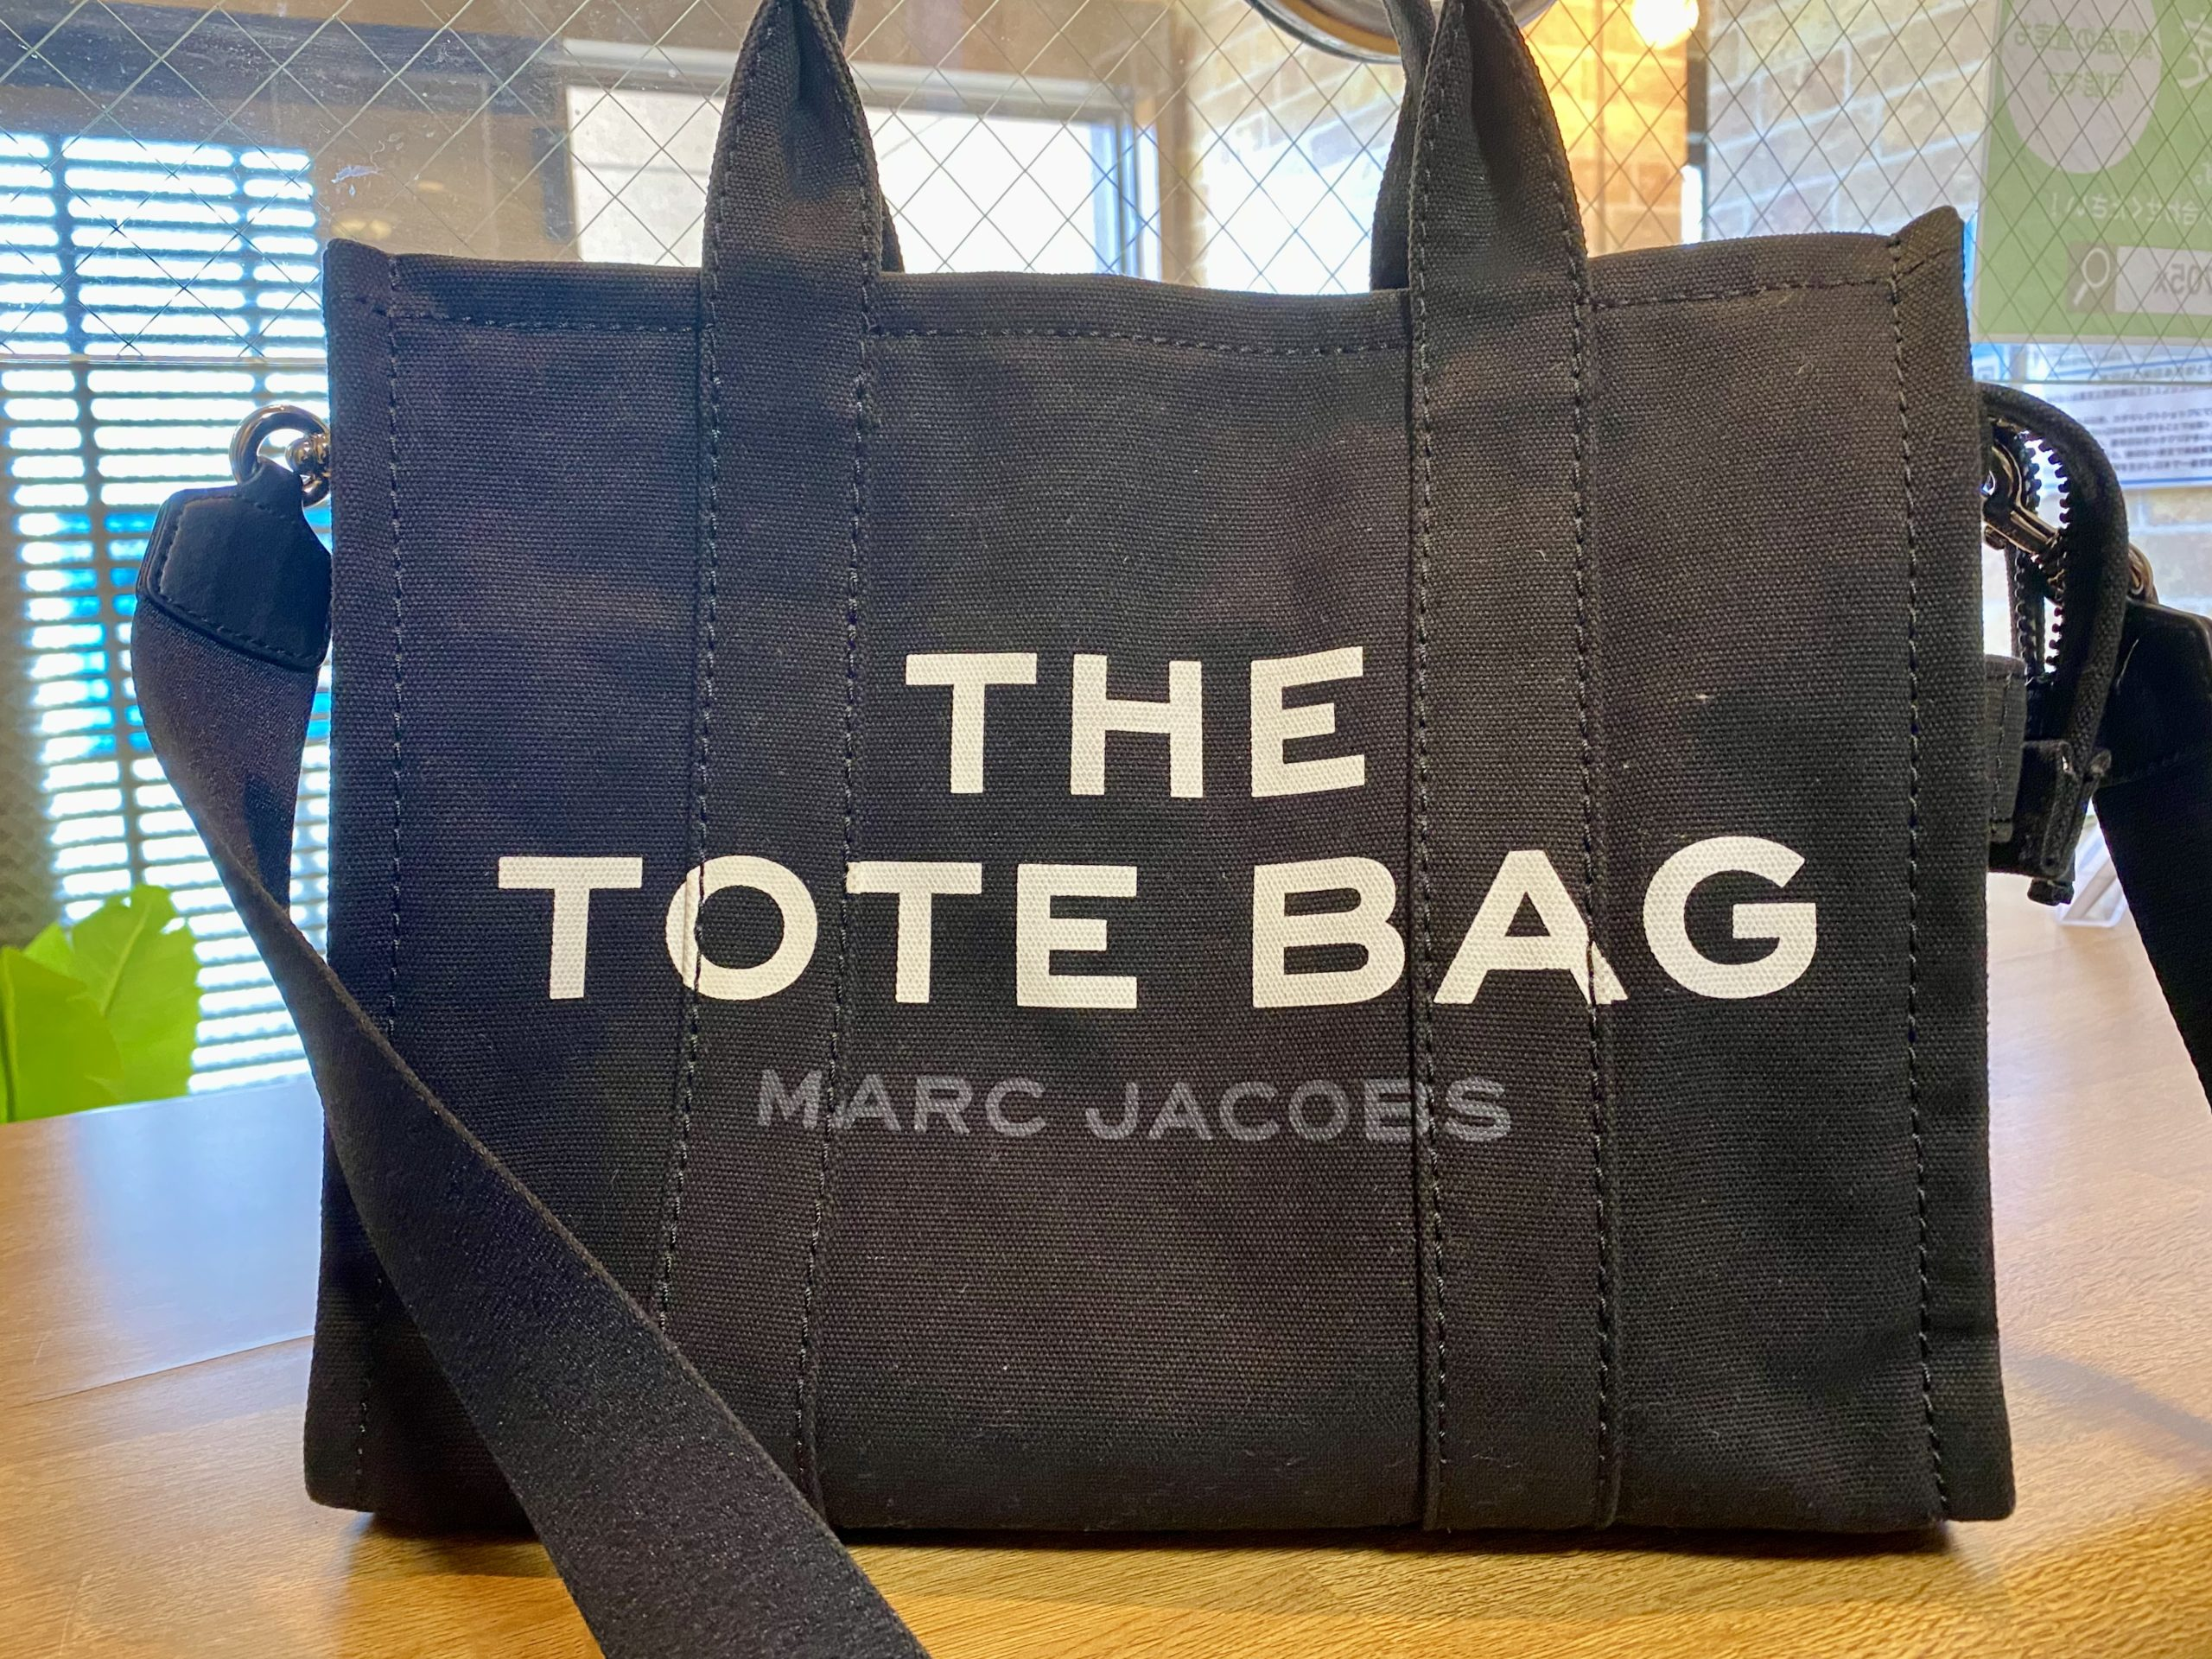 マークジェイコブス キャンバストートバッグをお買取させていただきました。